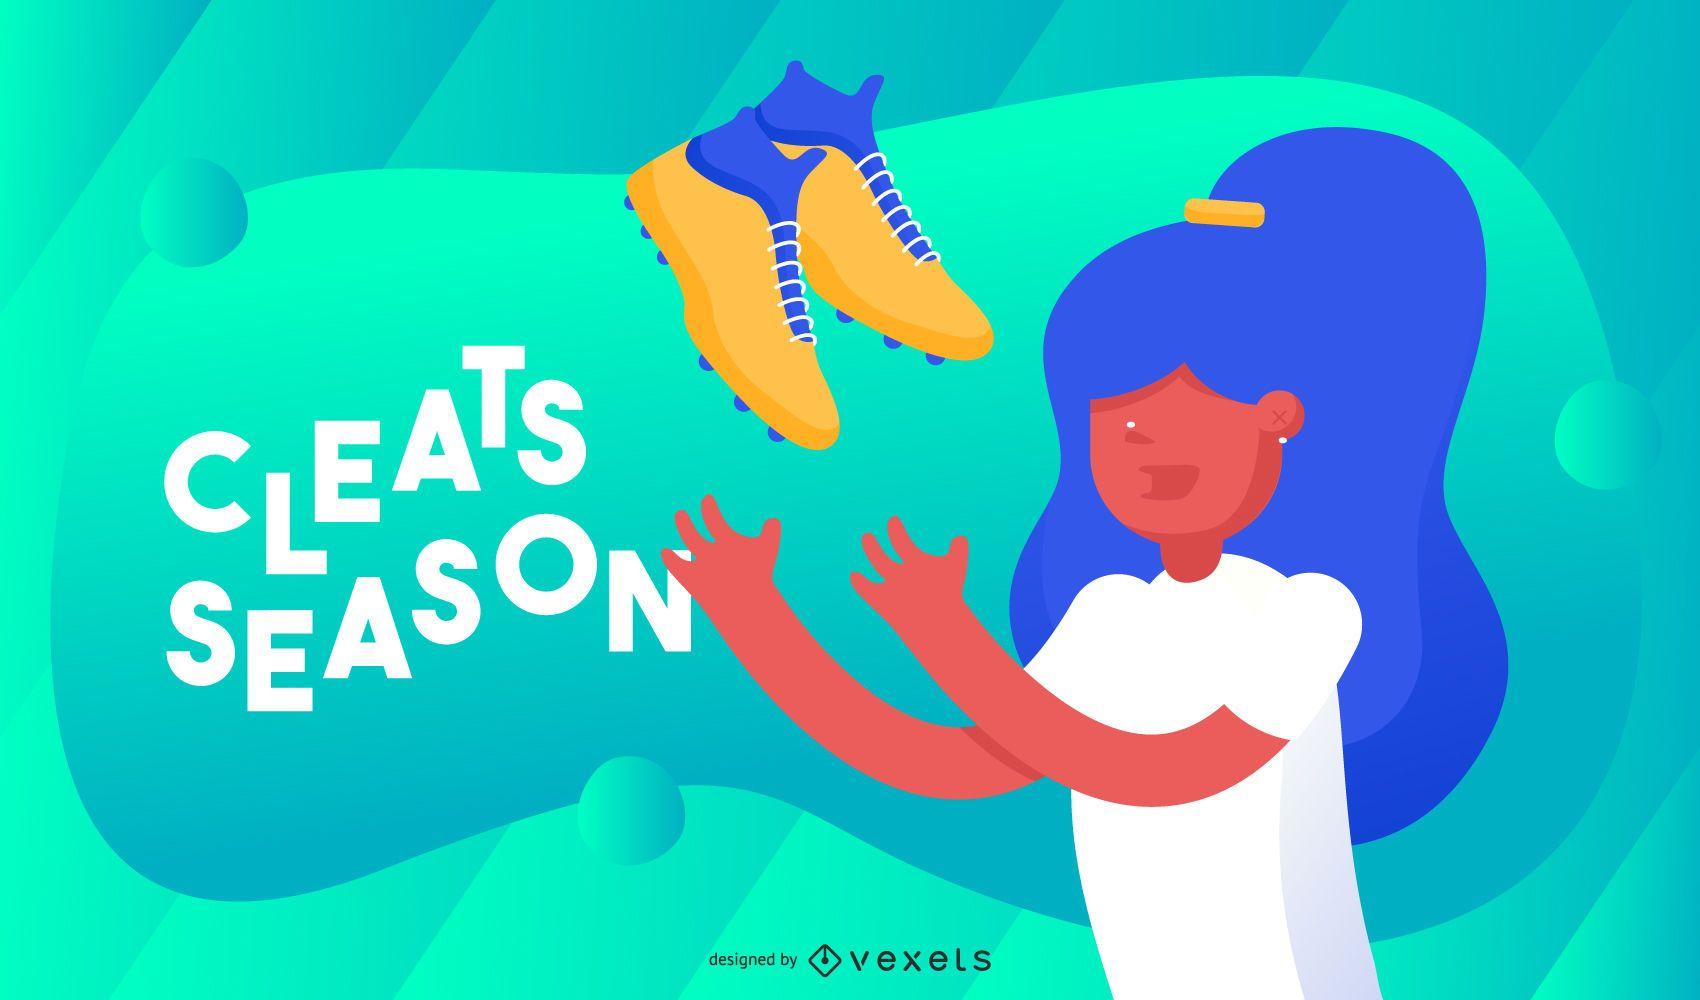 Cleats season illustration